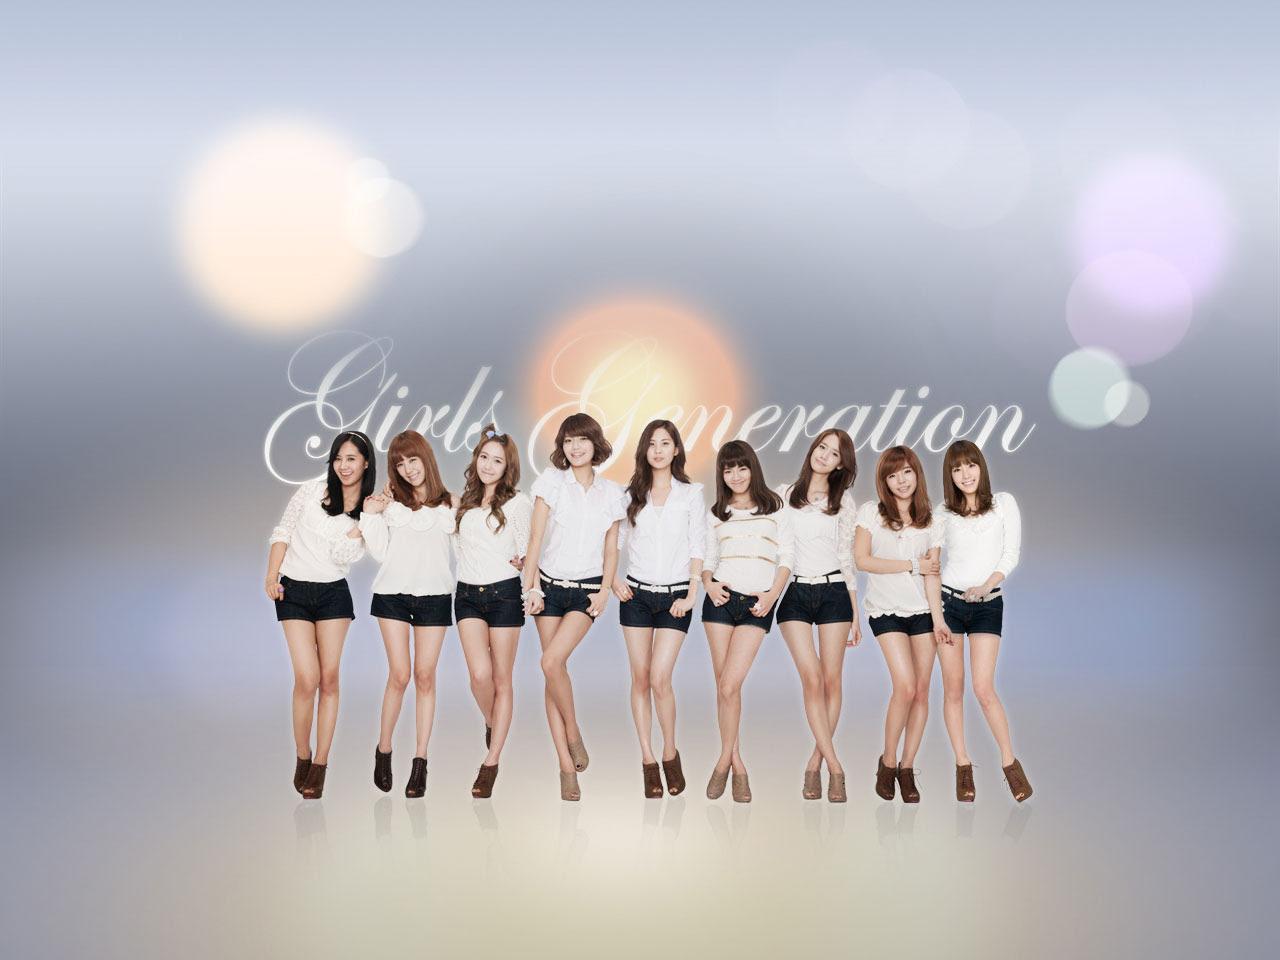 خلفيات Girls Generation ŝŋ๑ฬ Qมyeyeห